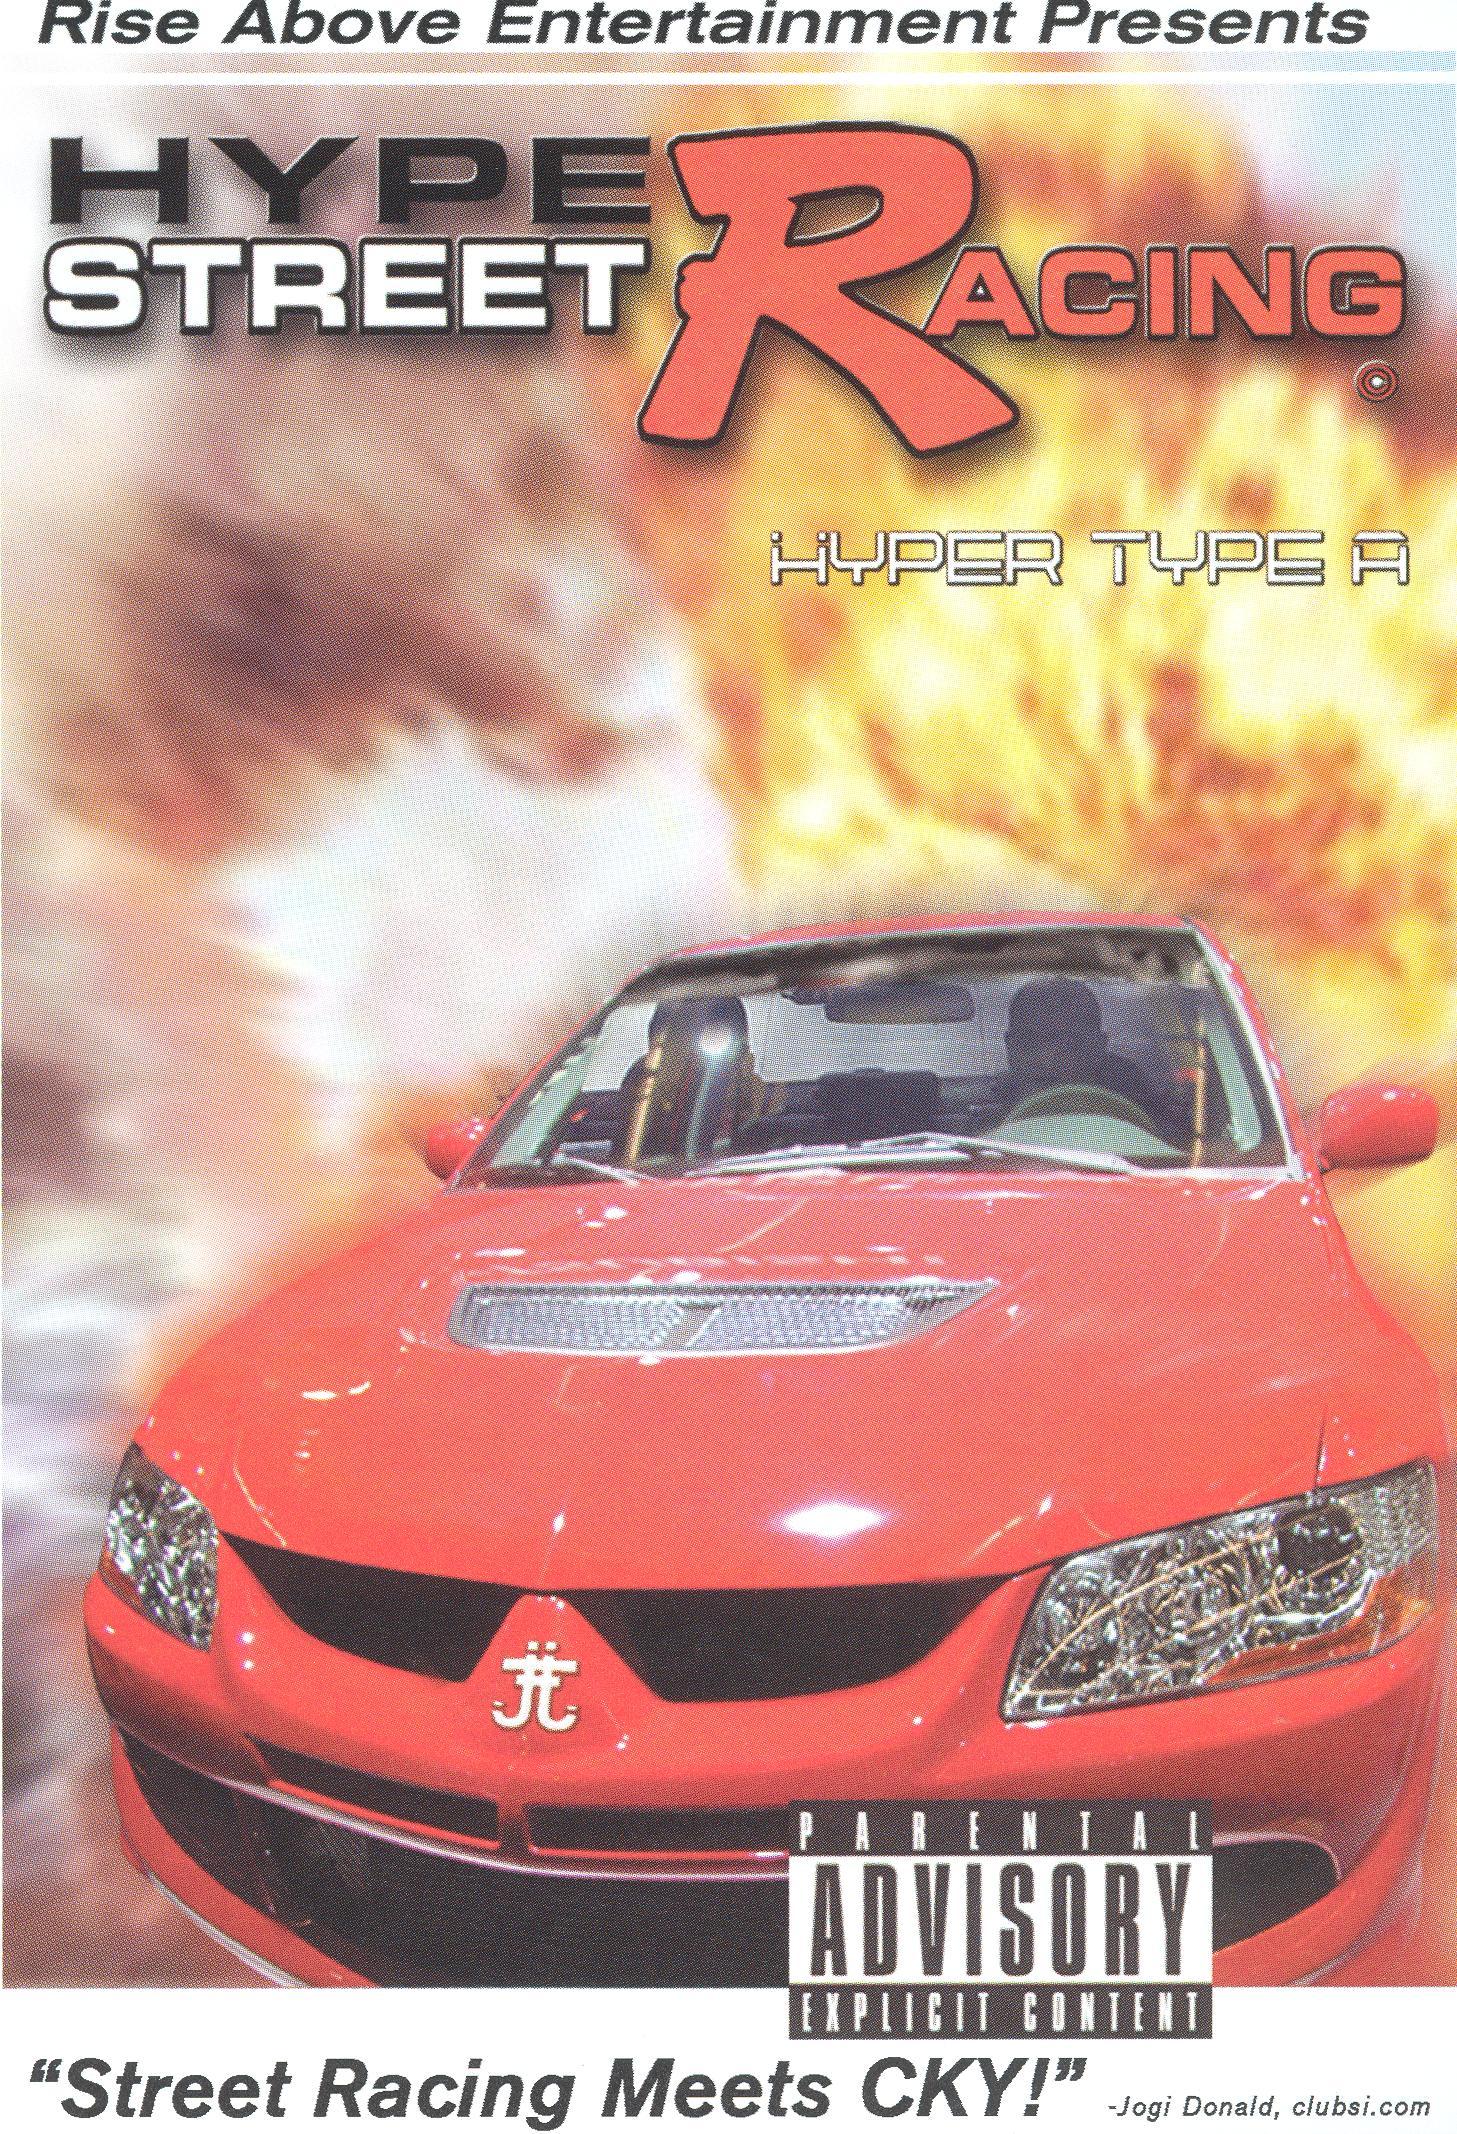 Hype Street Racing: Hyper Type A